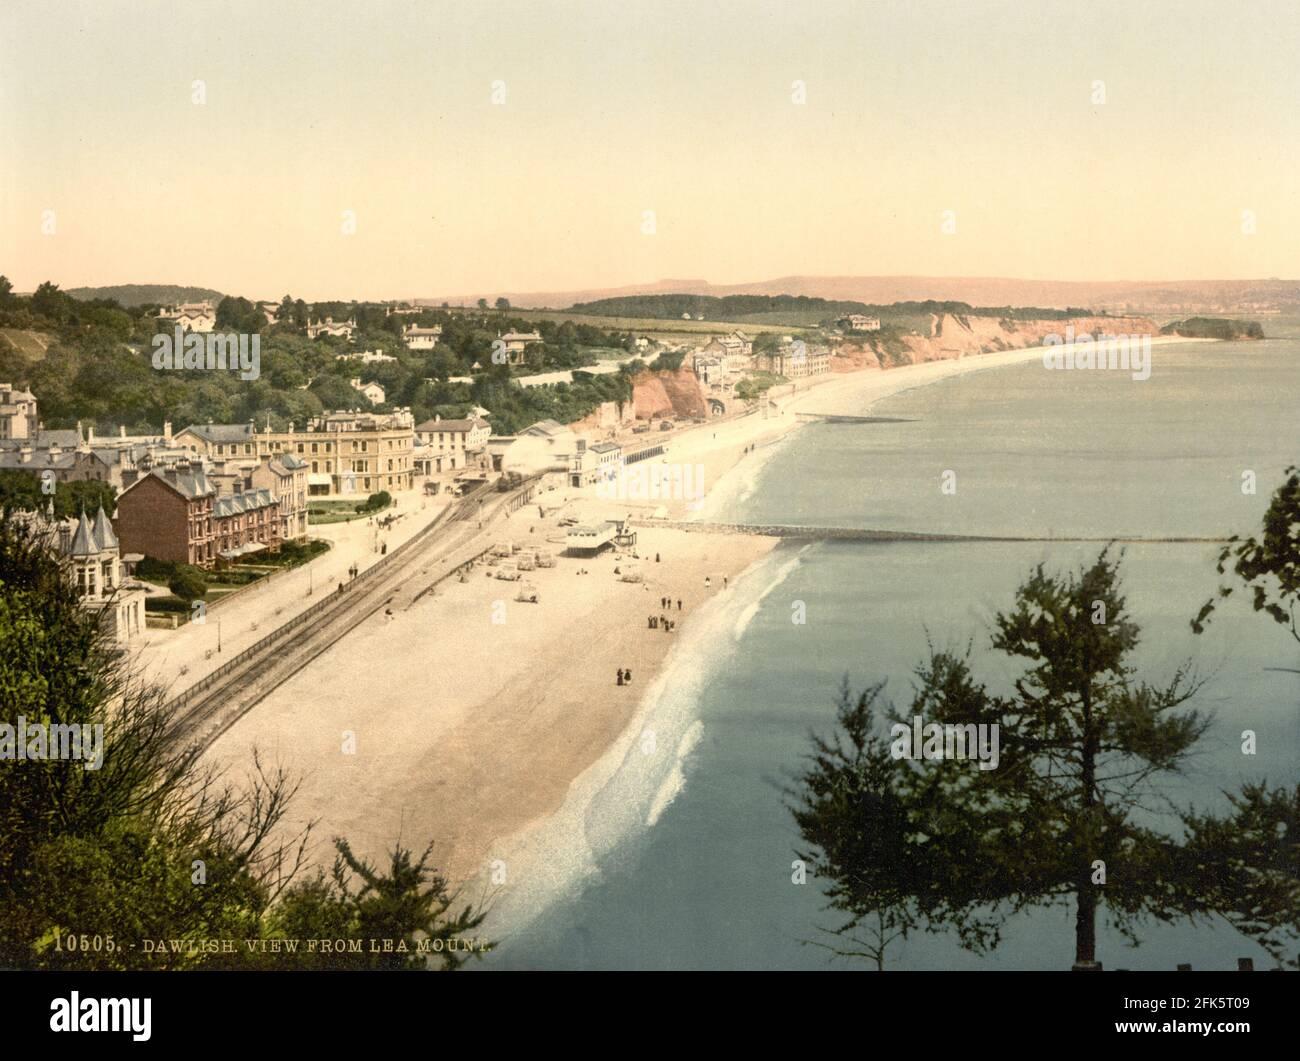 Plage de Dawlish à Devon, vue depuis Lea Mount vers 1890-1900 Banque D'Images